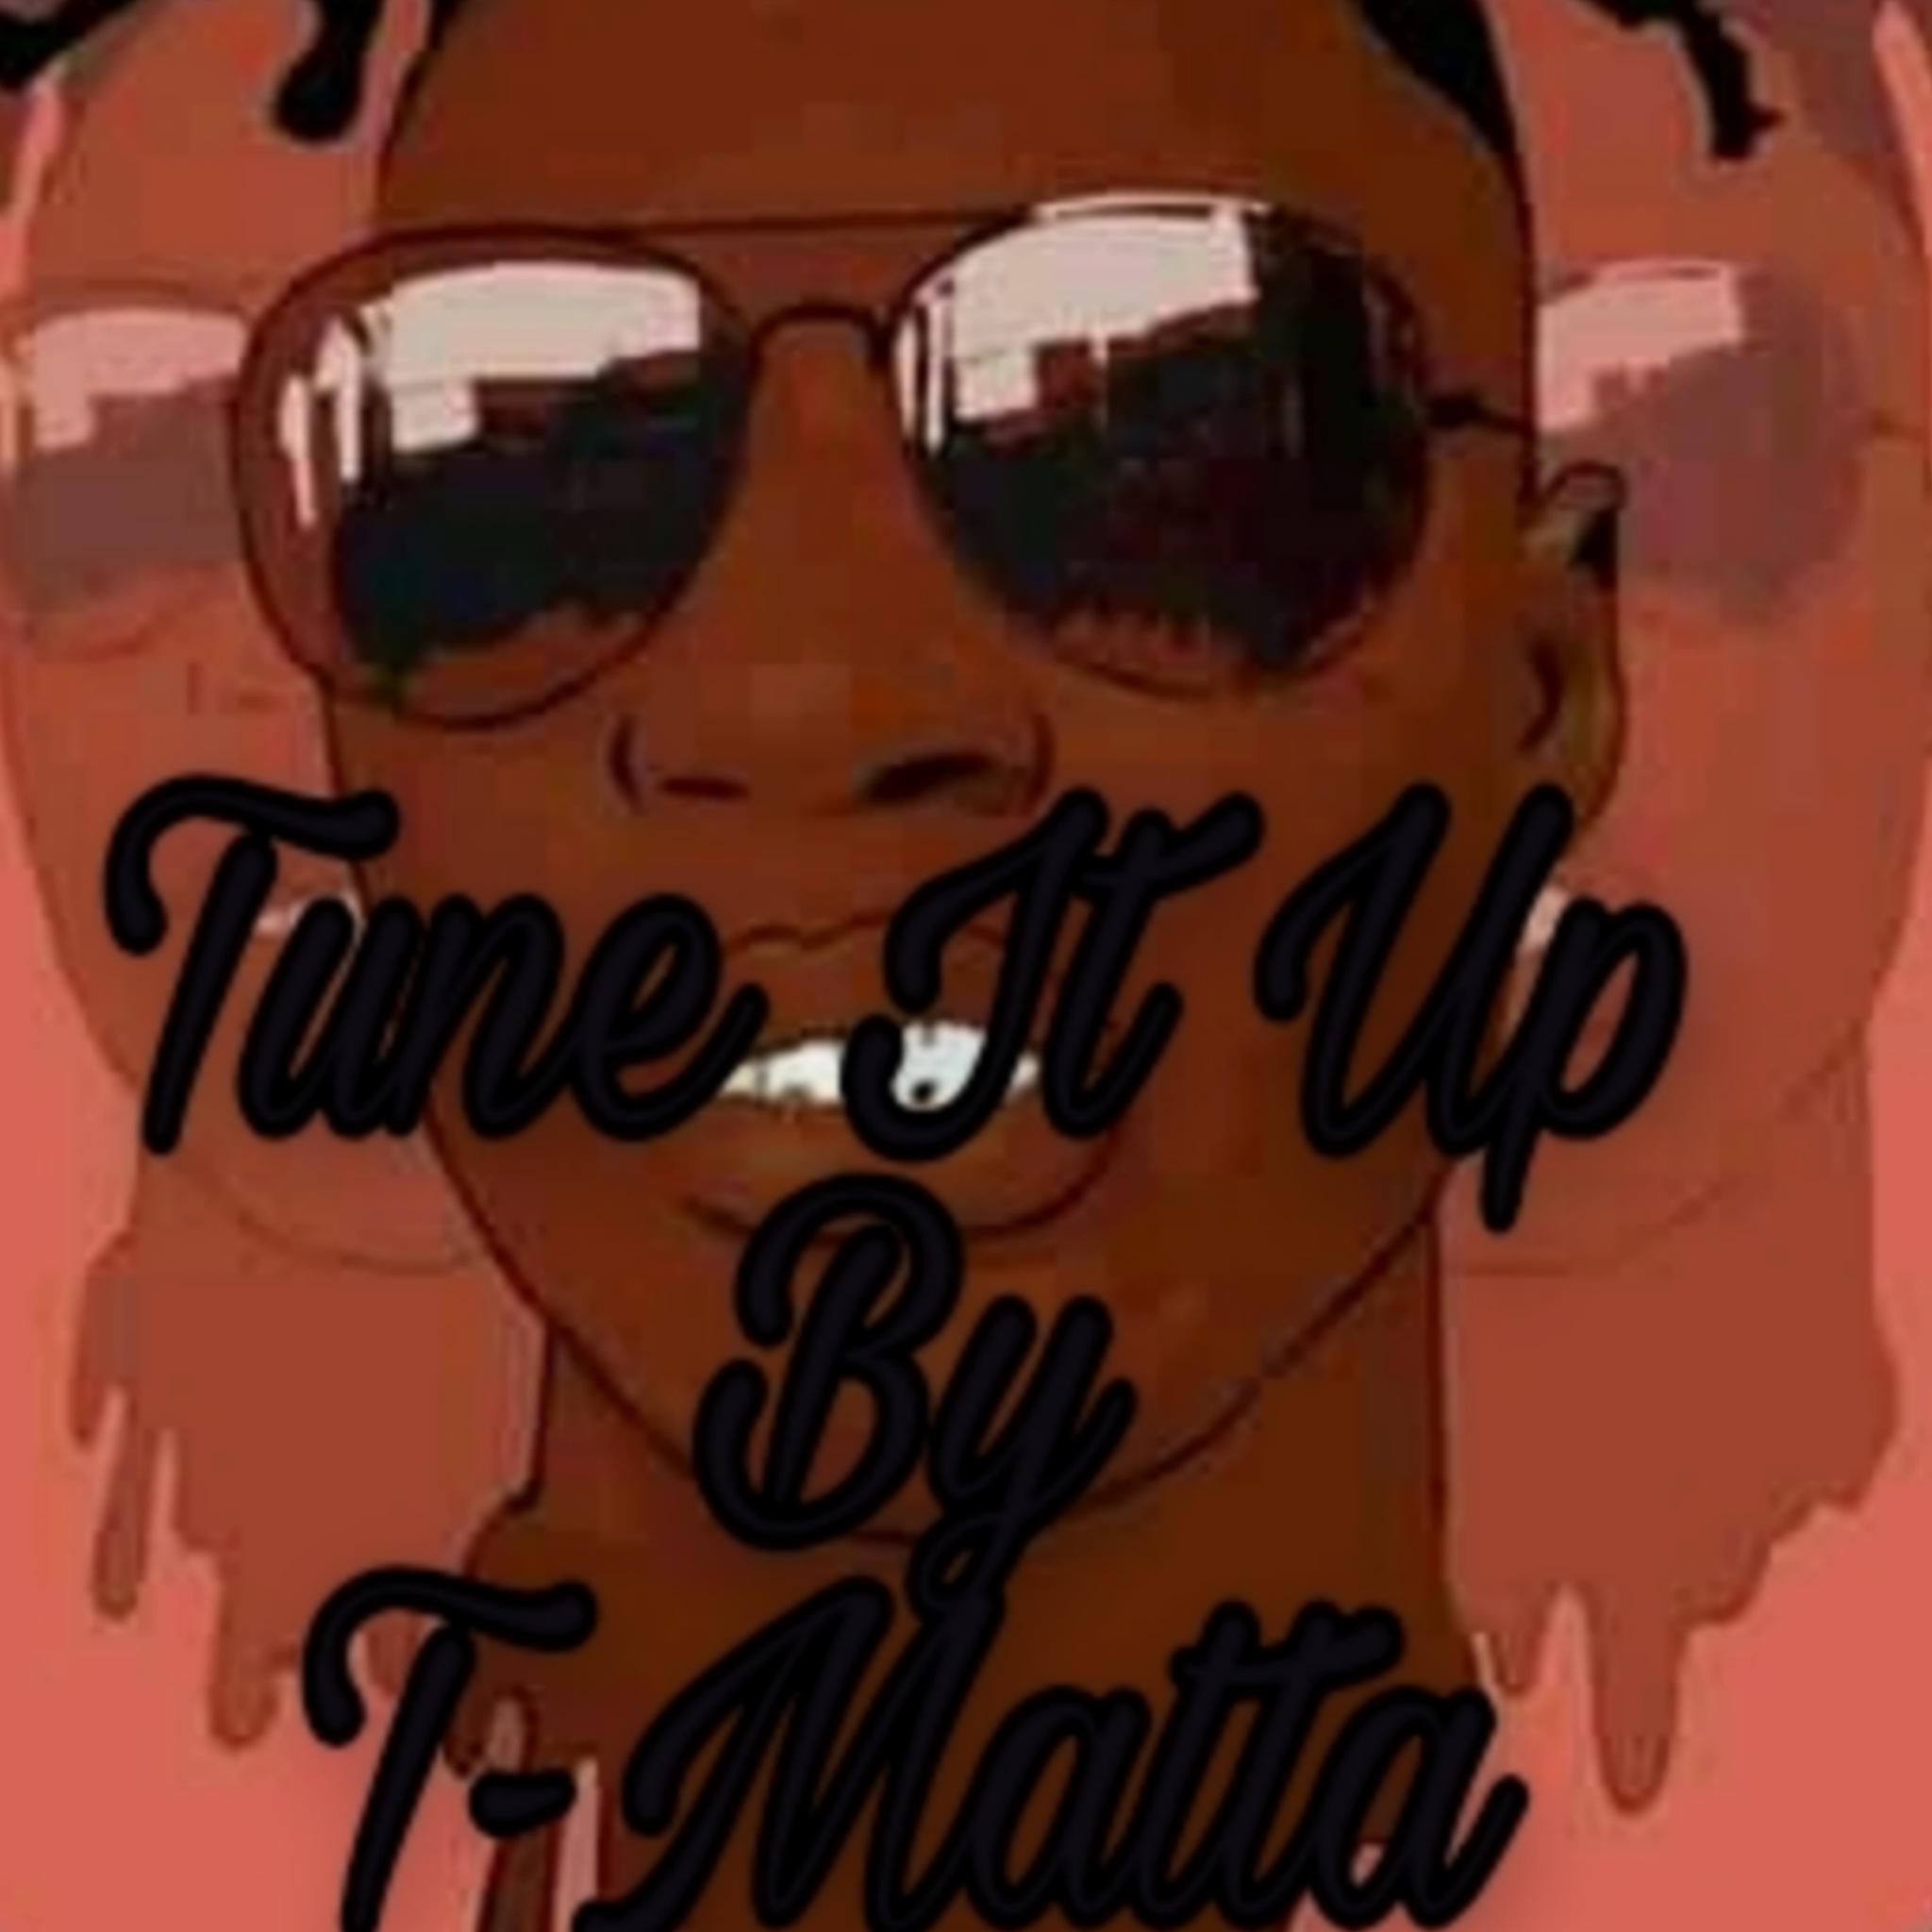 T-Matta - Tune It Up 1